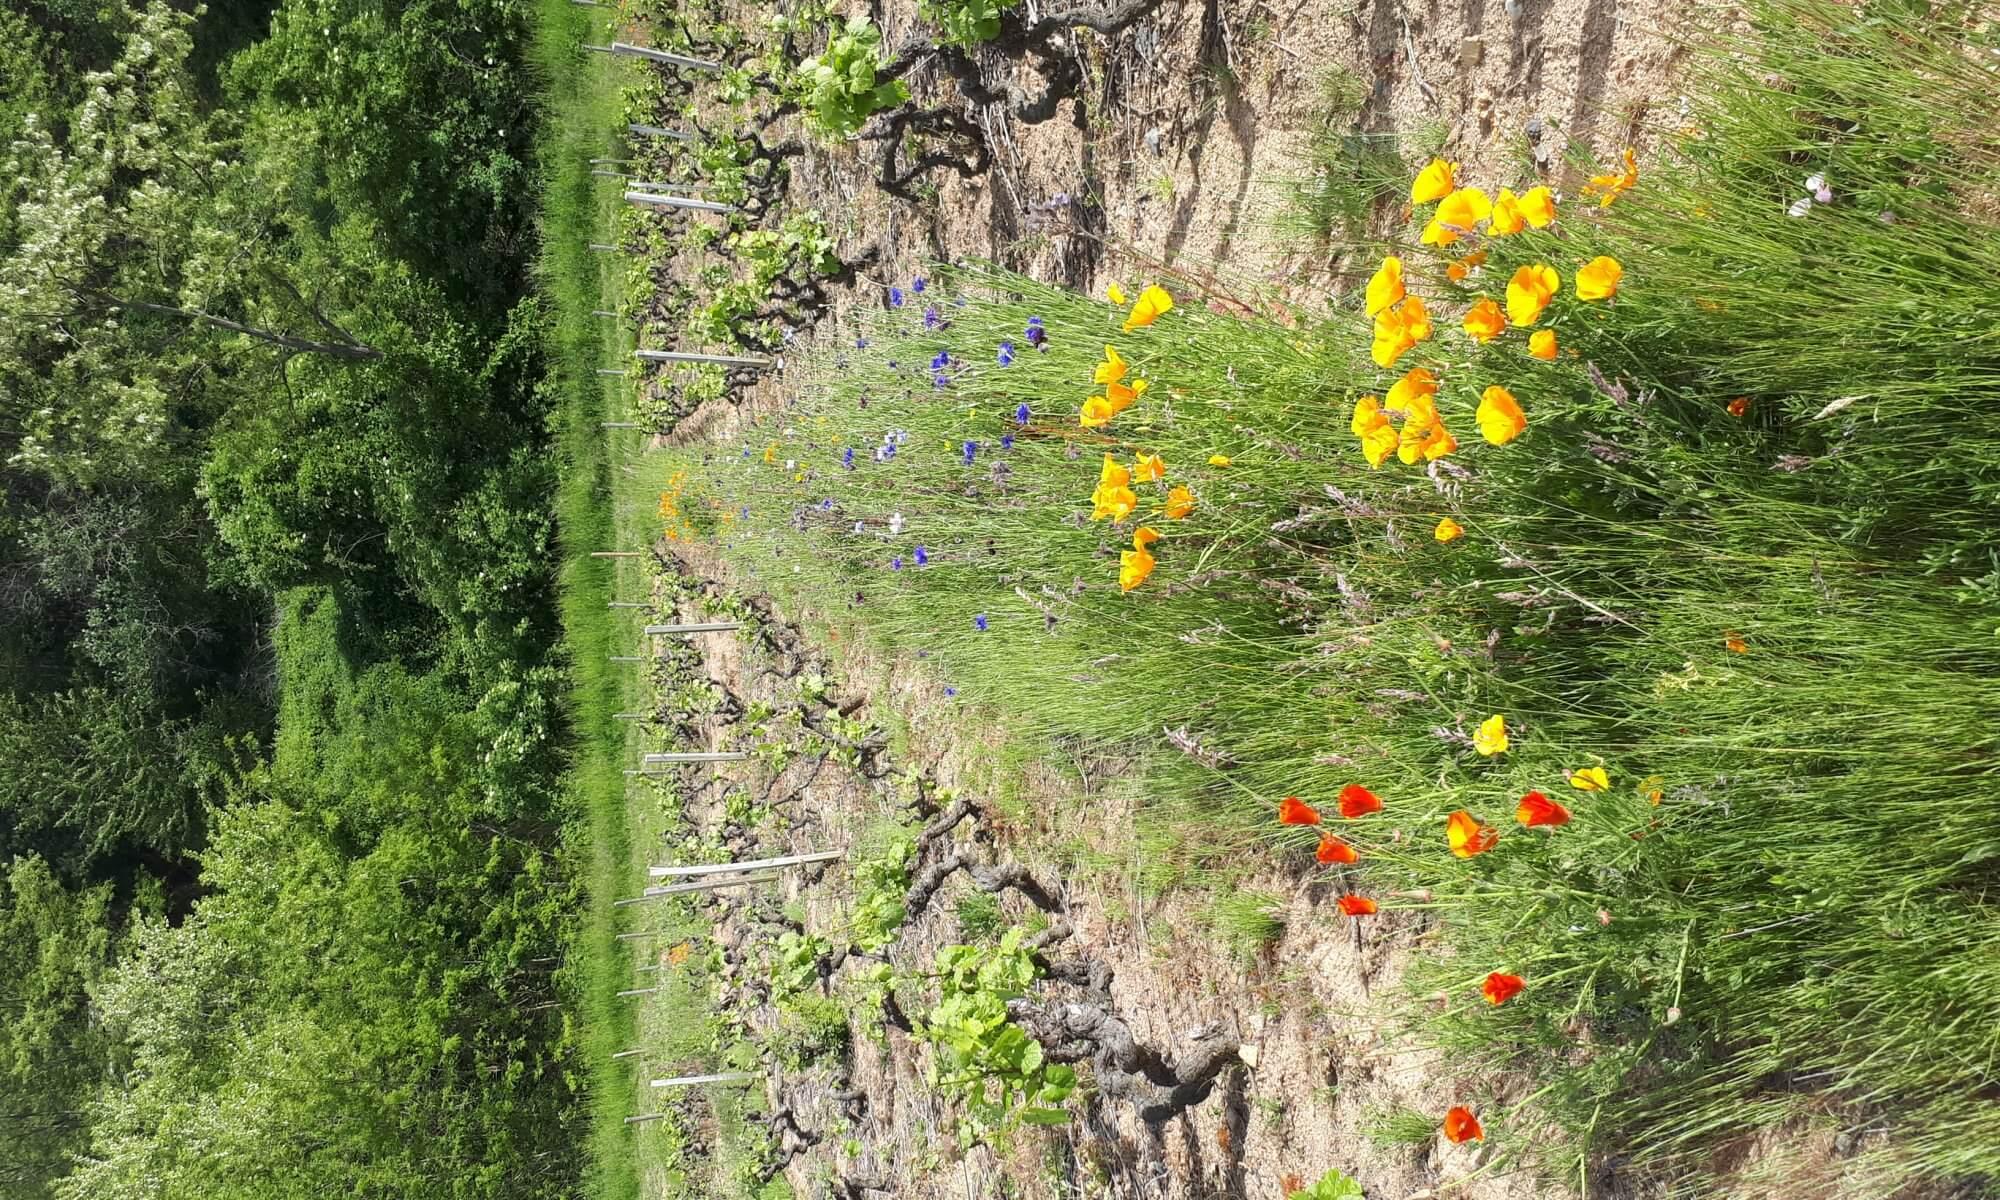 Vignes en permaculture à Brouilly Beaujolais chez Robert Perroud